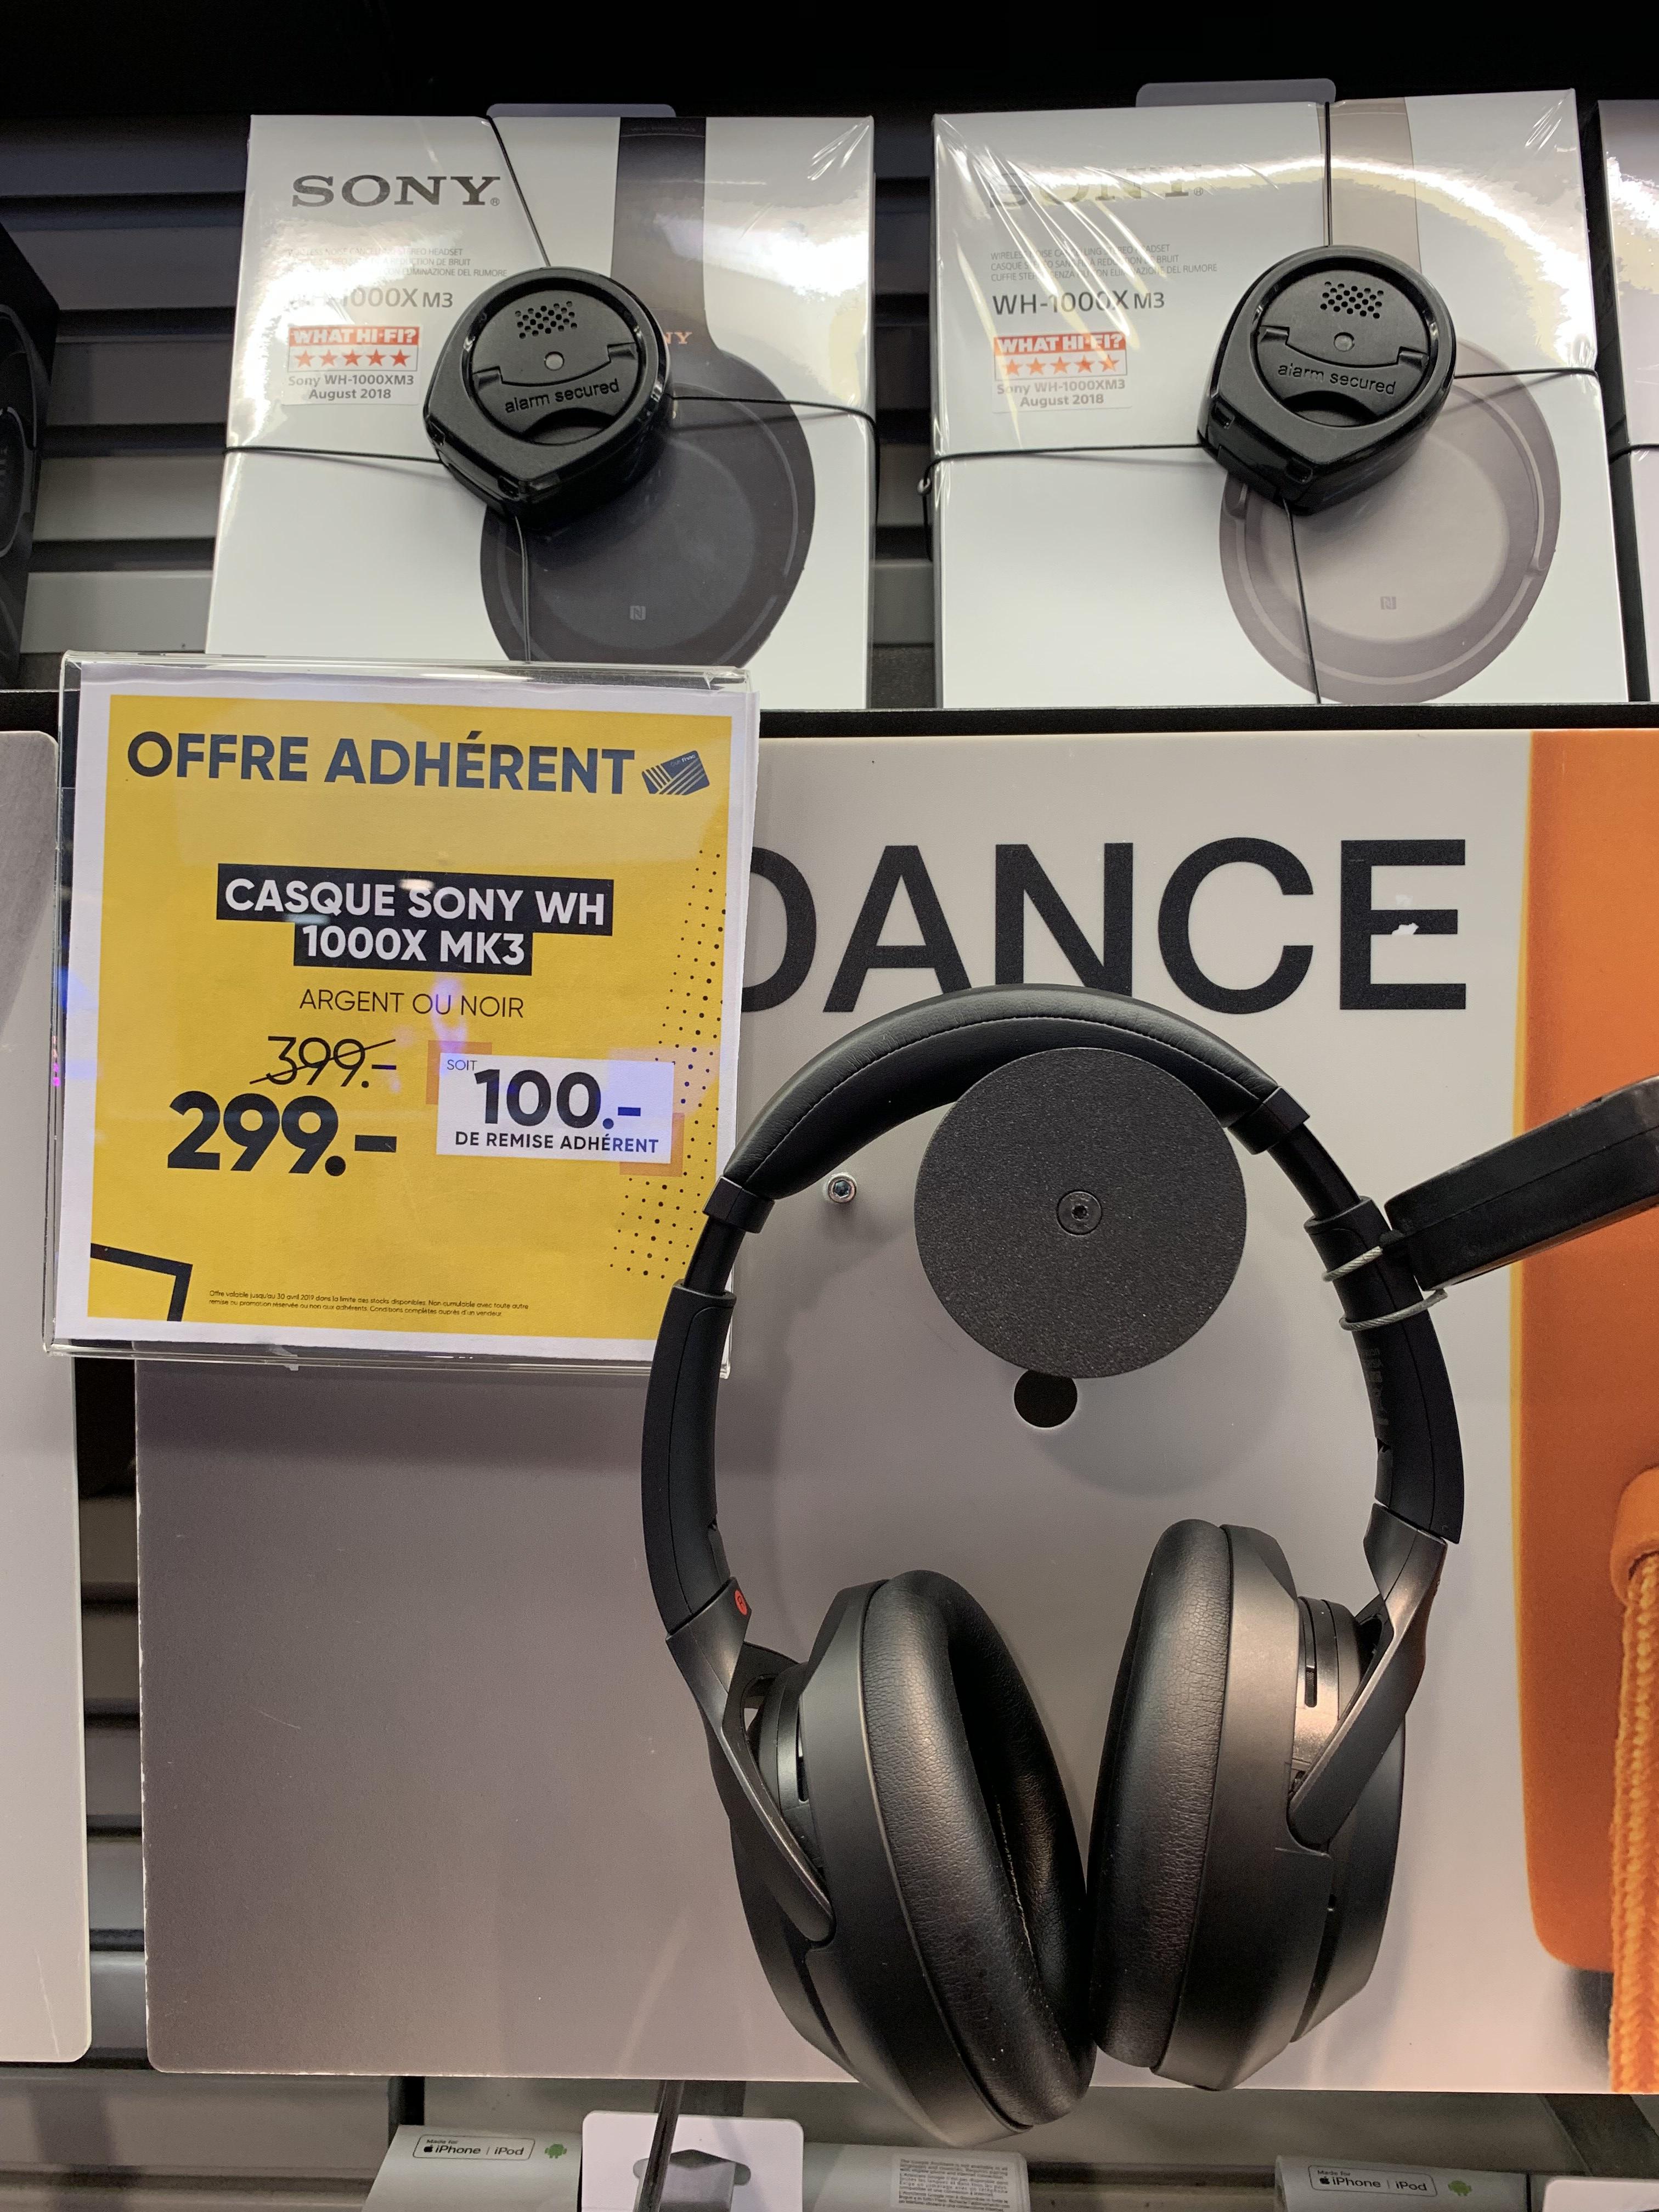 Casque Bluetooth à réduction de bruit Sony WH-1000XM3 - Noir (Frontaliers Suisse)